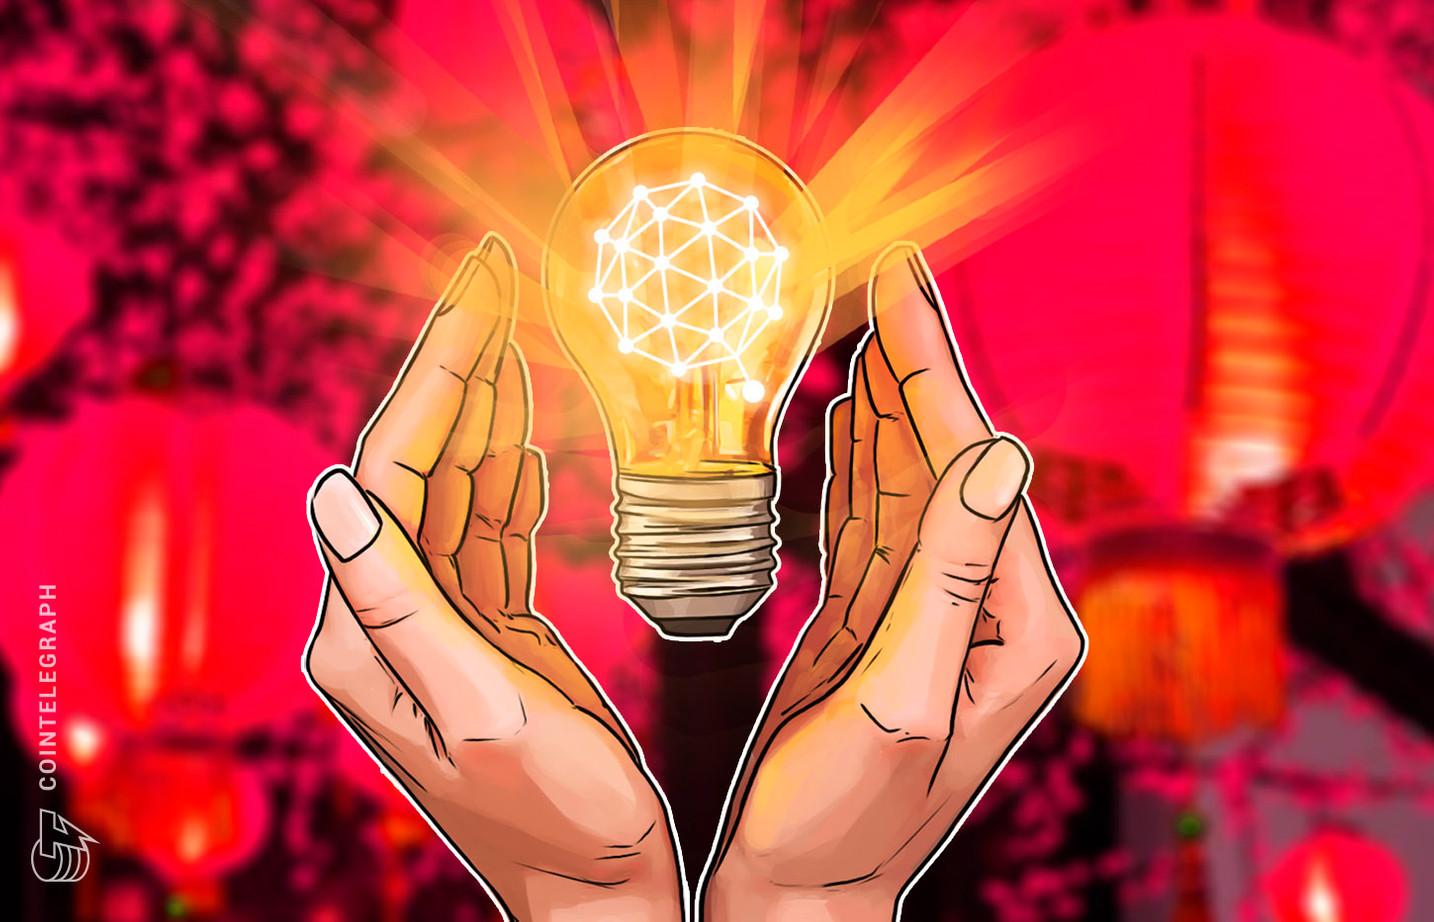 Un ente governativo cinese sta considerando l'uso della tecnologia Blockchain per ottimizzare la sua infrastruttura